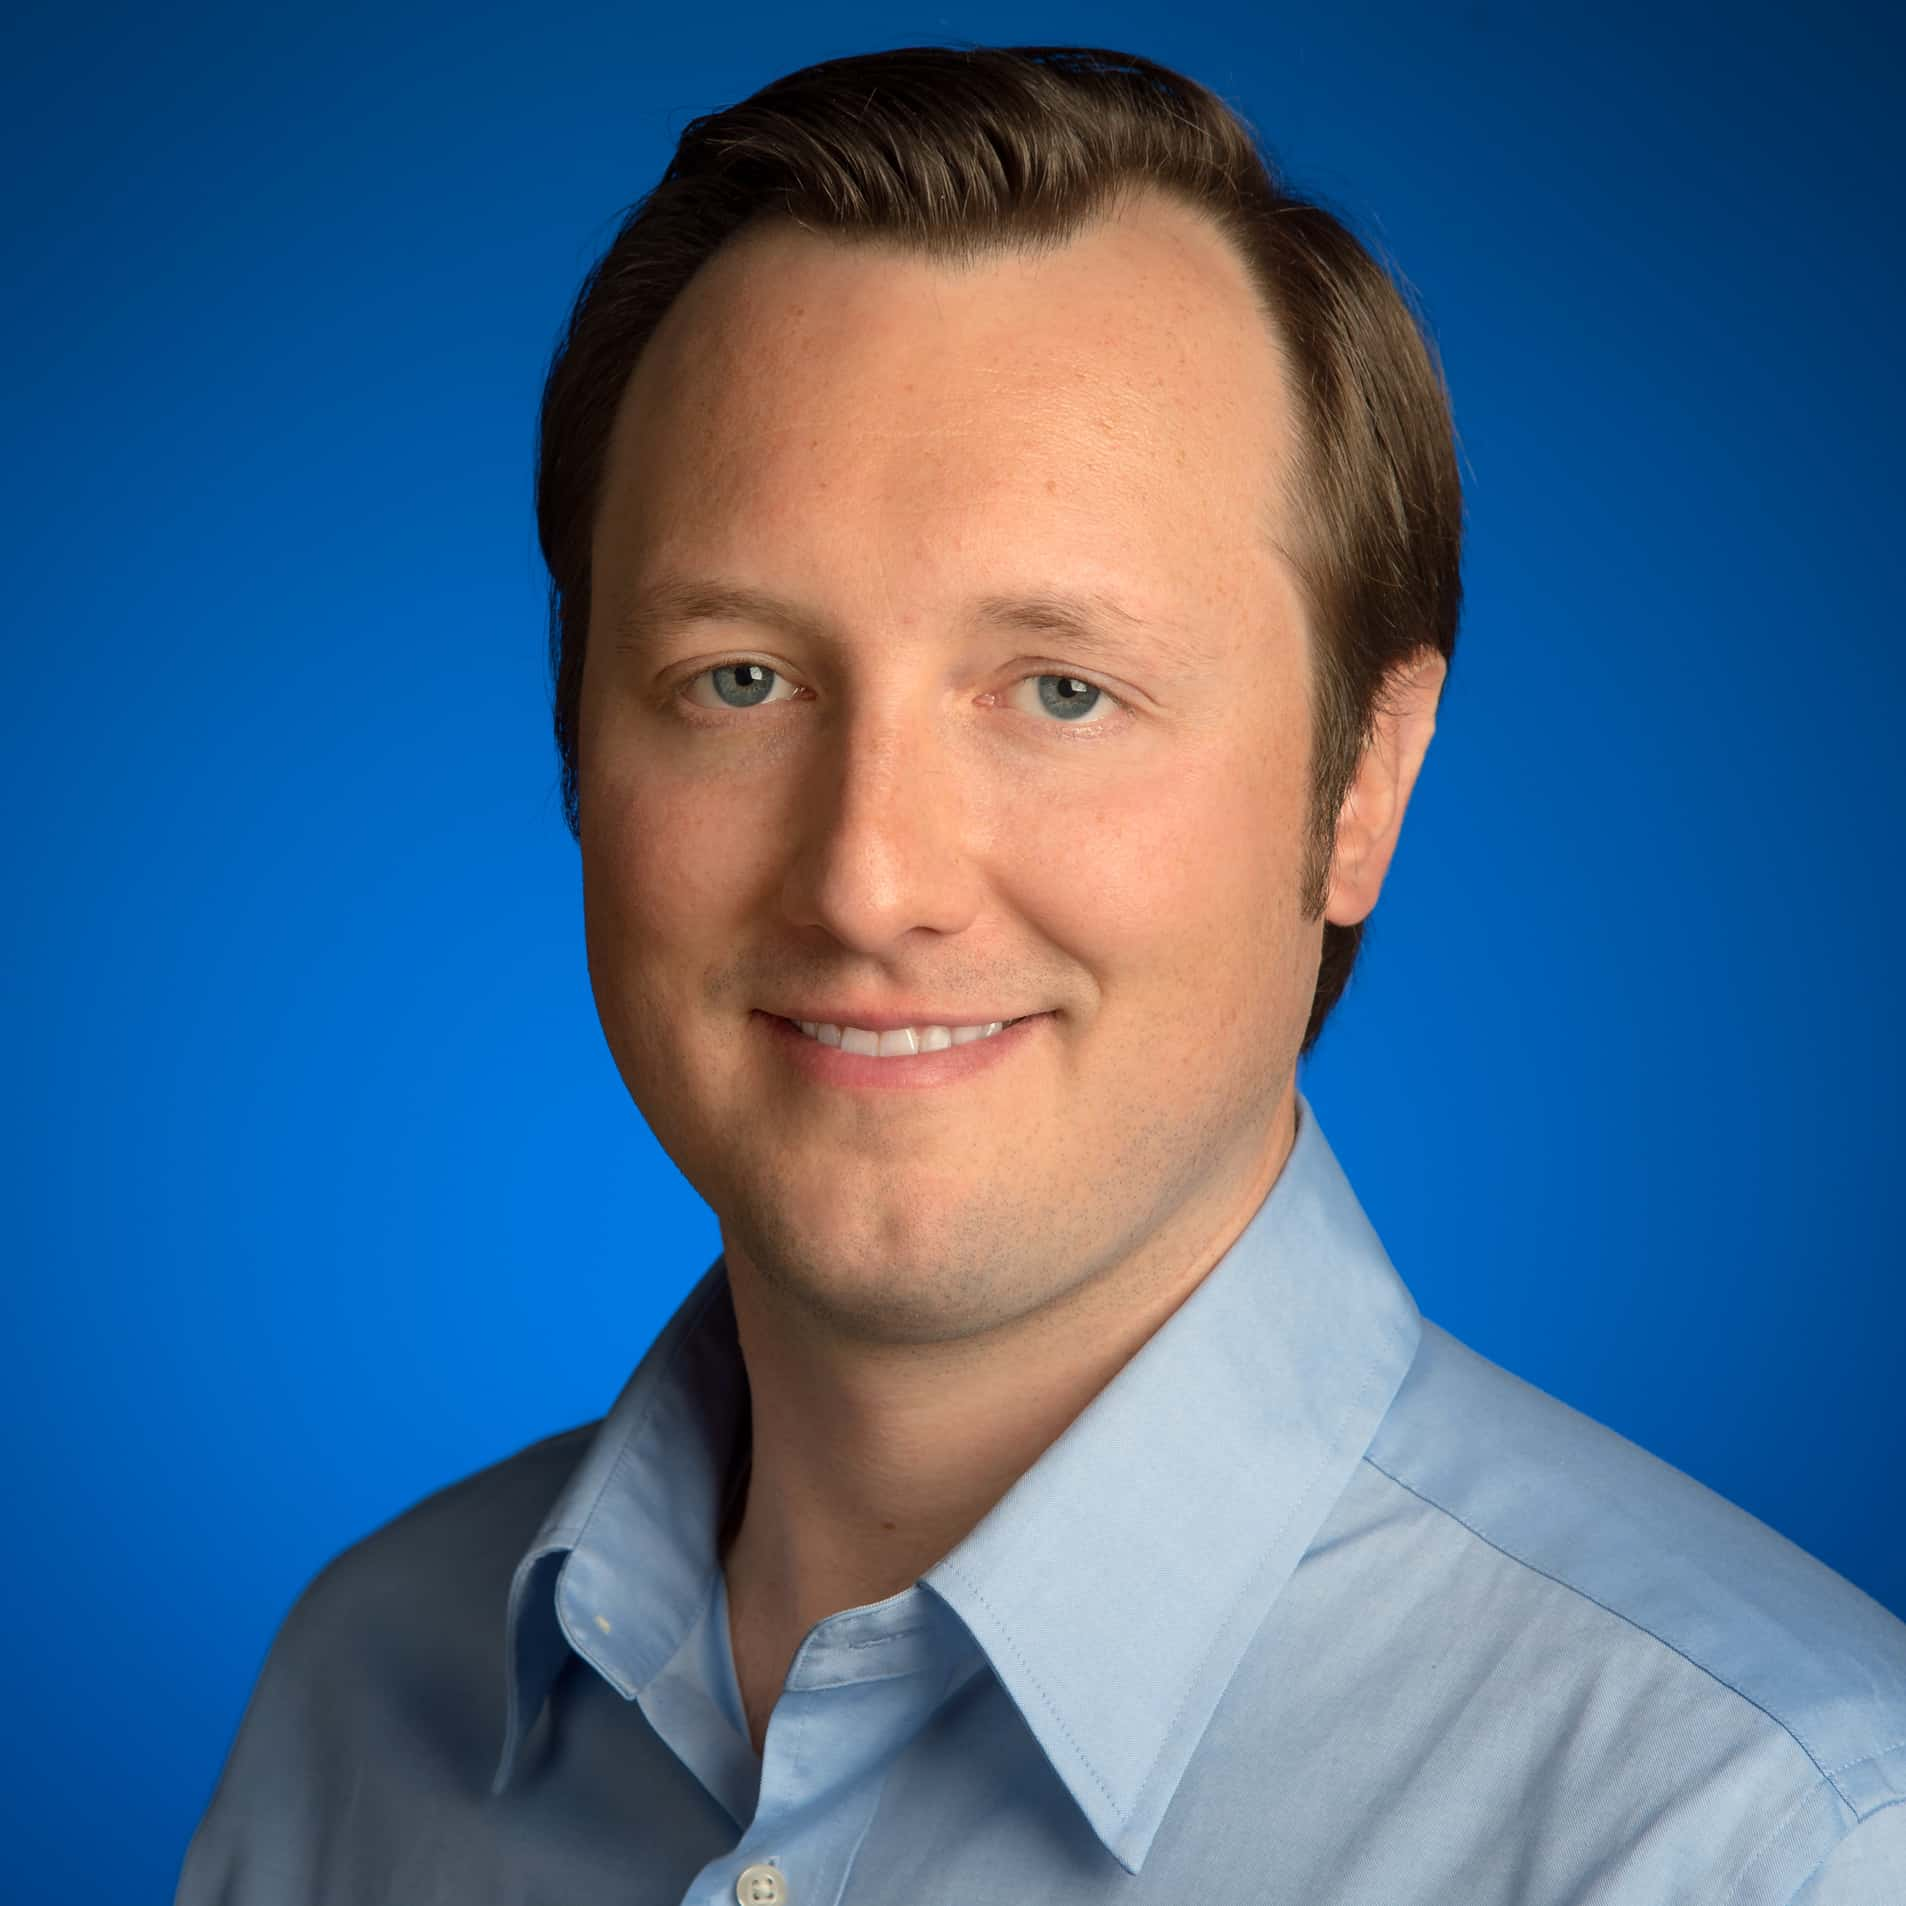 Jim Habig